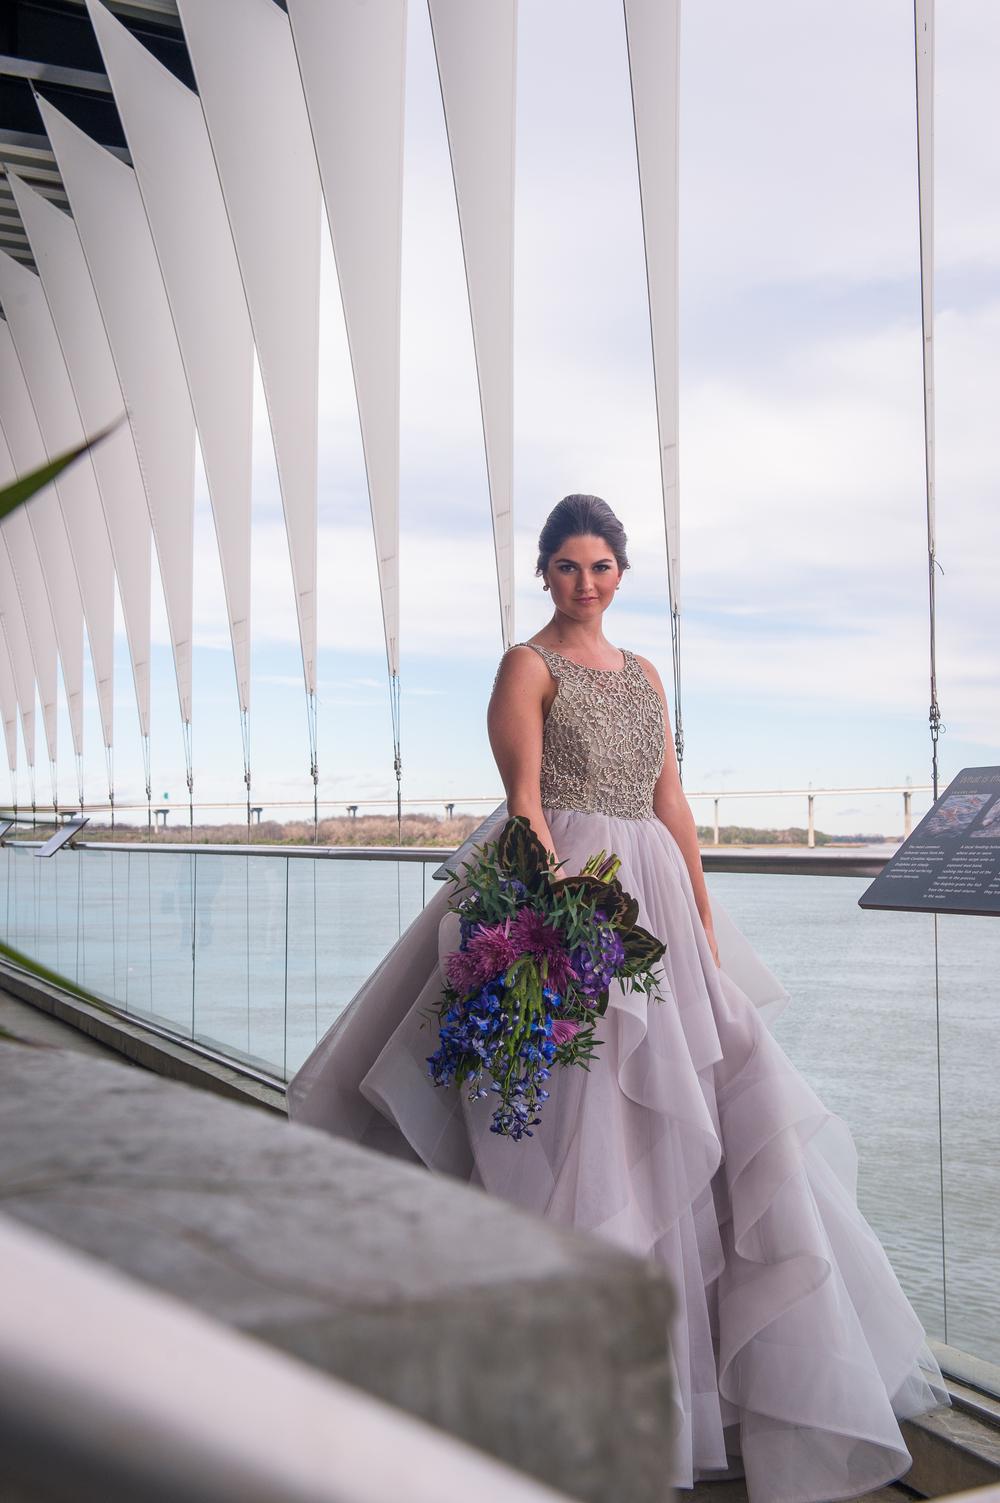 hayley paige lavender gown in charleston, revolution wedding tours, scarlet plan & design